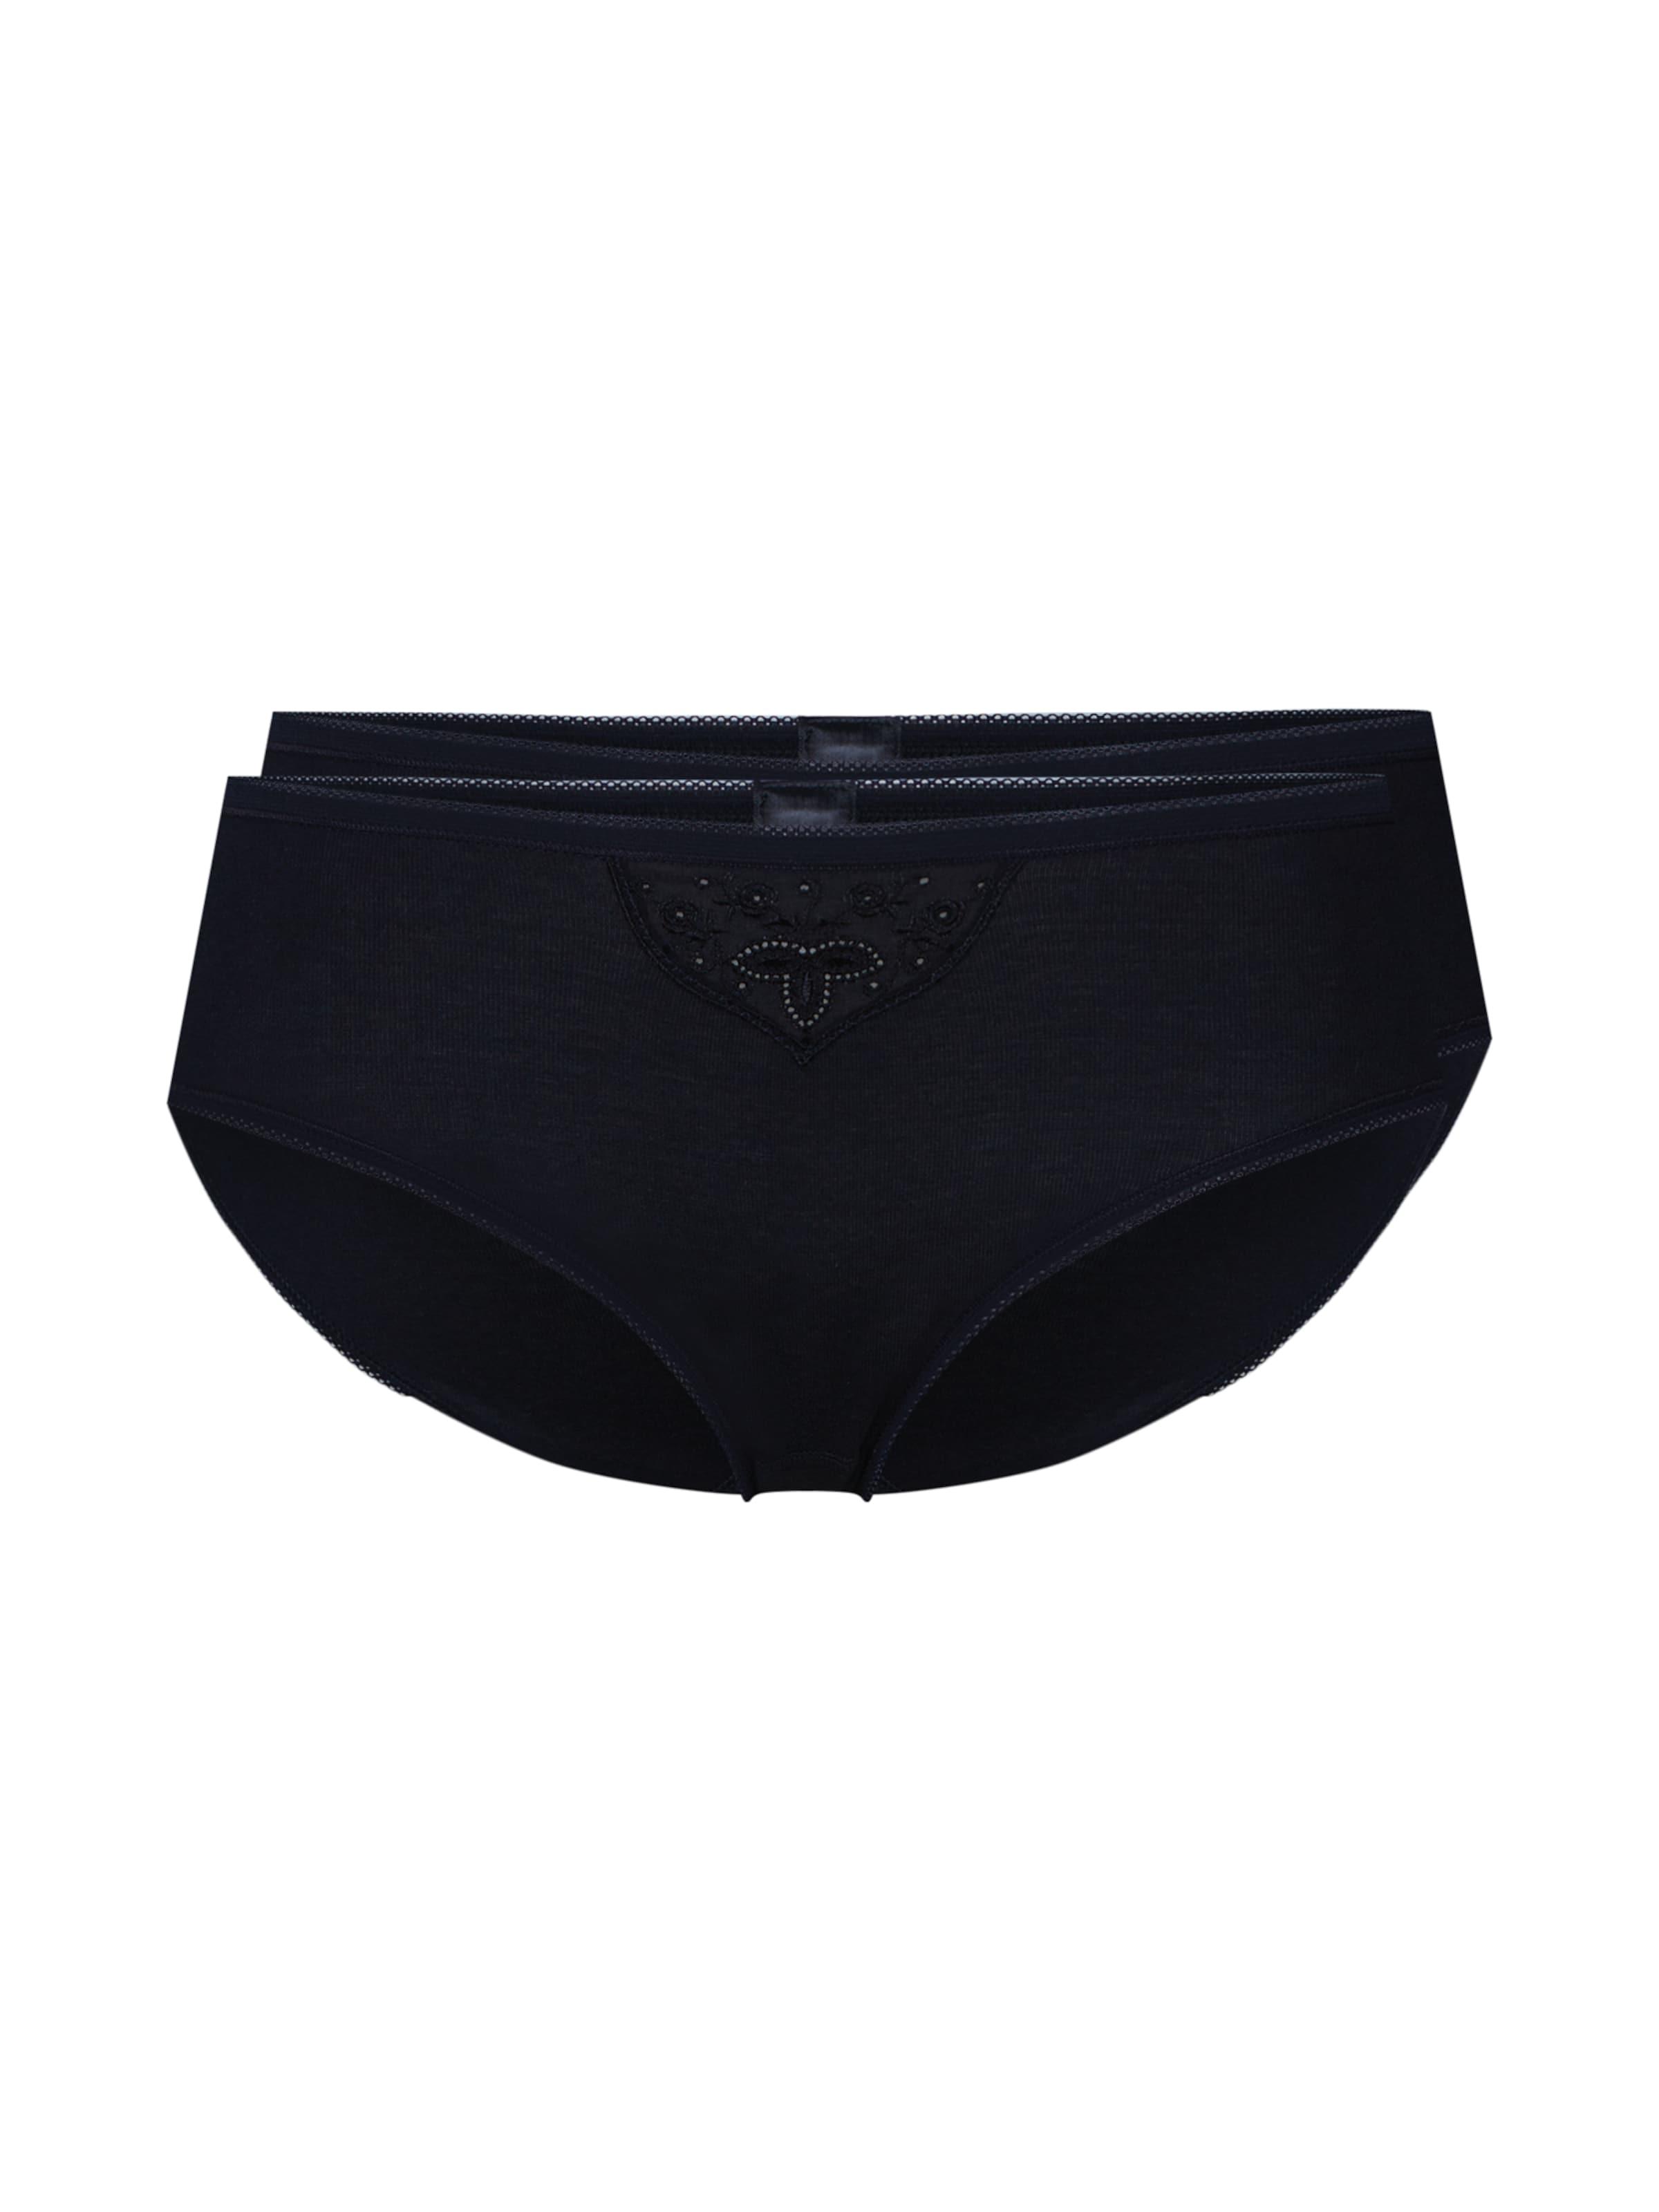 'cotton Noir Essentials' En Culotte Schiesser EY9WI2eDH